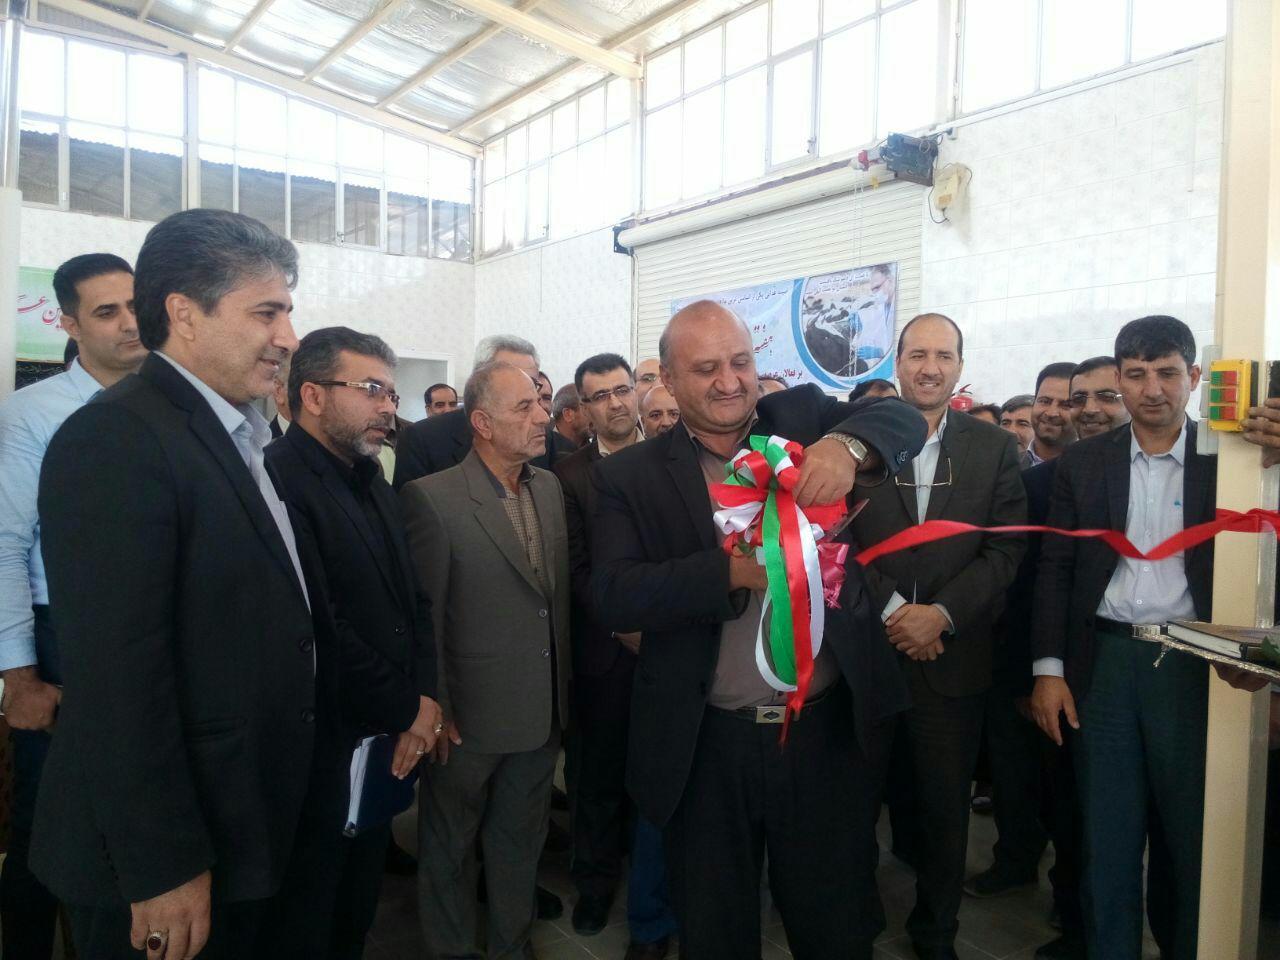 افتتاح ایستگاه جمع آوری شیر نجف آباد